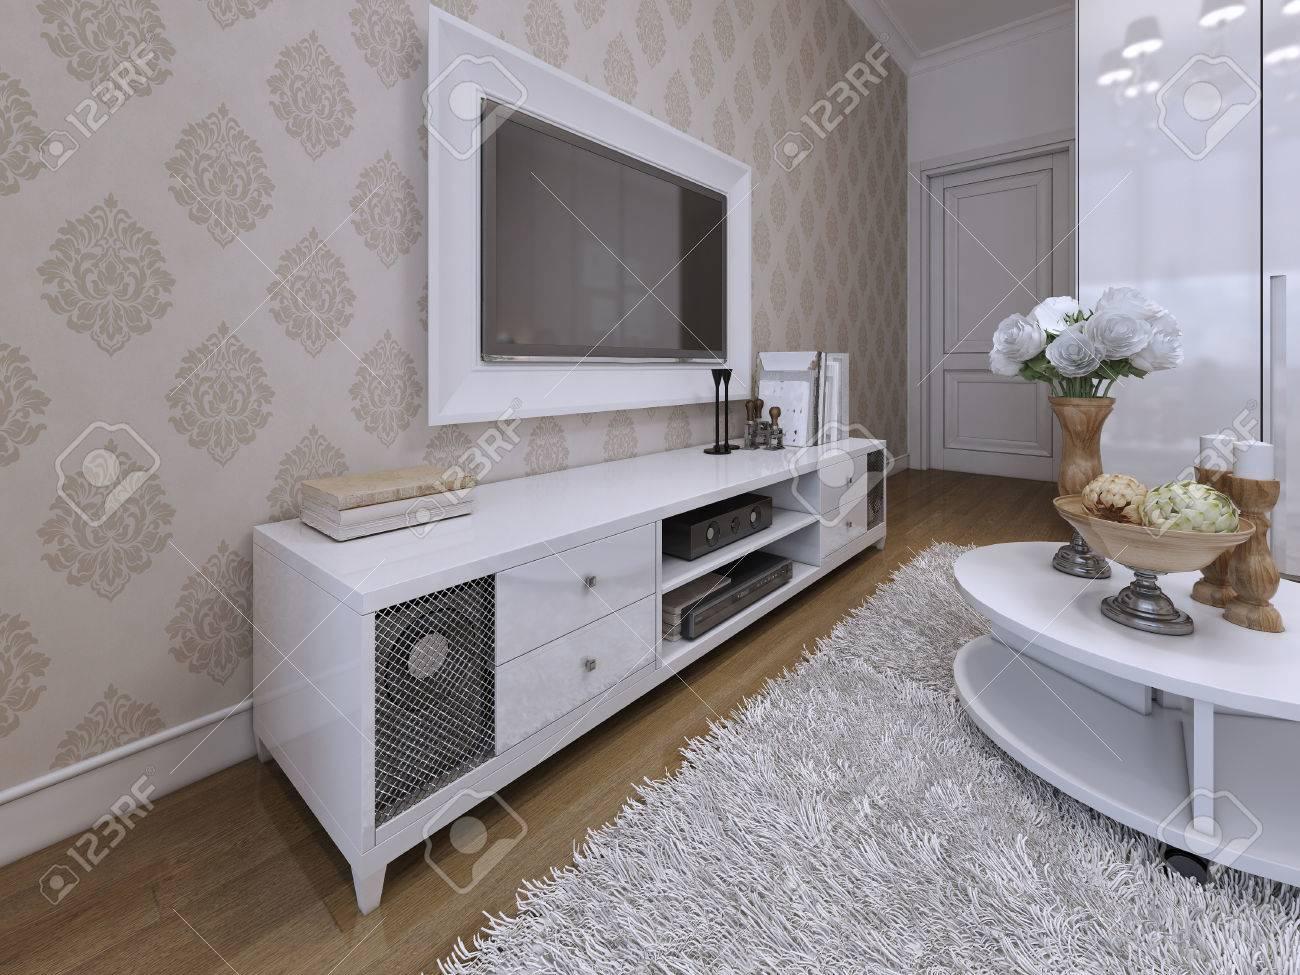 meuble tv avec un televiseur sur le mur dans un cadre blanc style moderne et art deco rendu 3d